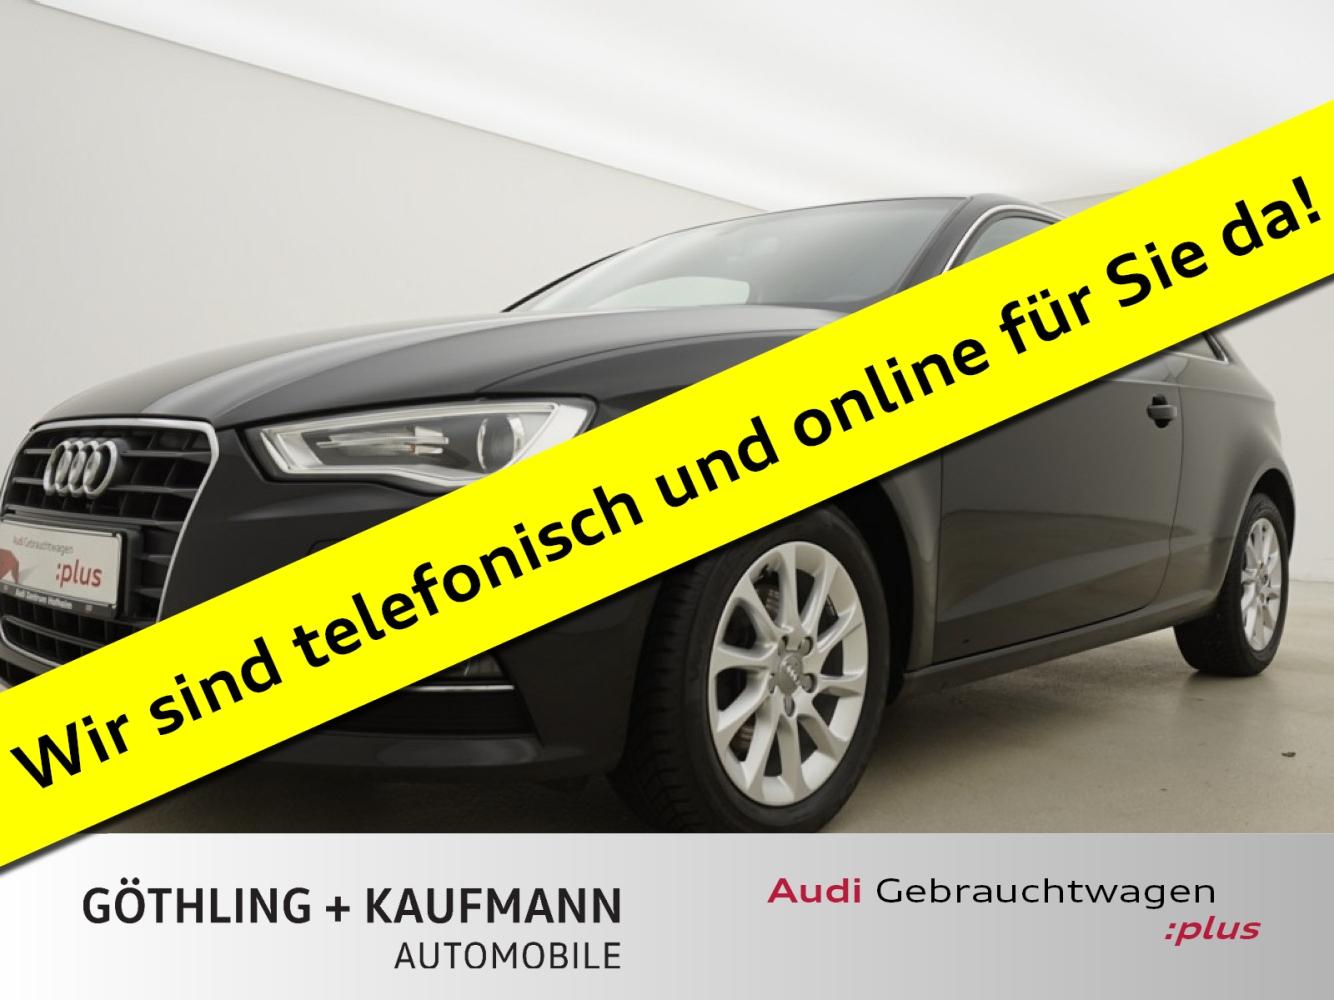 Audi A3 1.6 TDI 81 kW*Xenon+*Navi*PDC*ASS*SHZ*MFL*GRA, Jahr 2016, Diesel